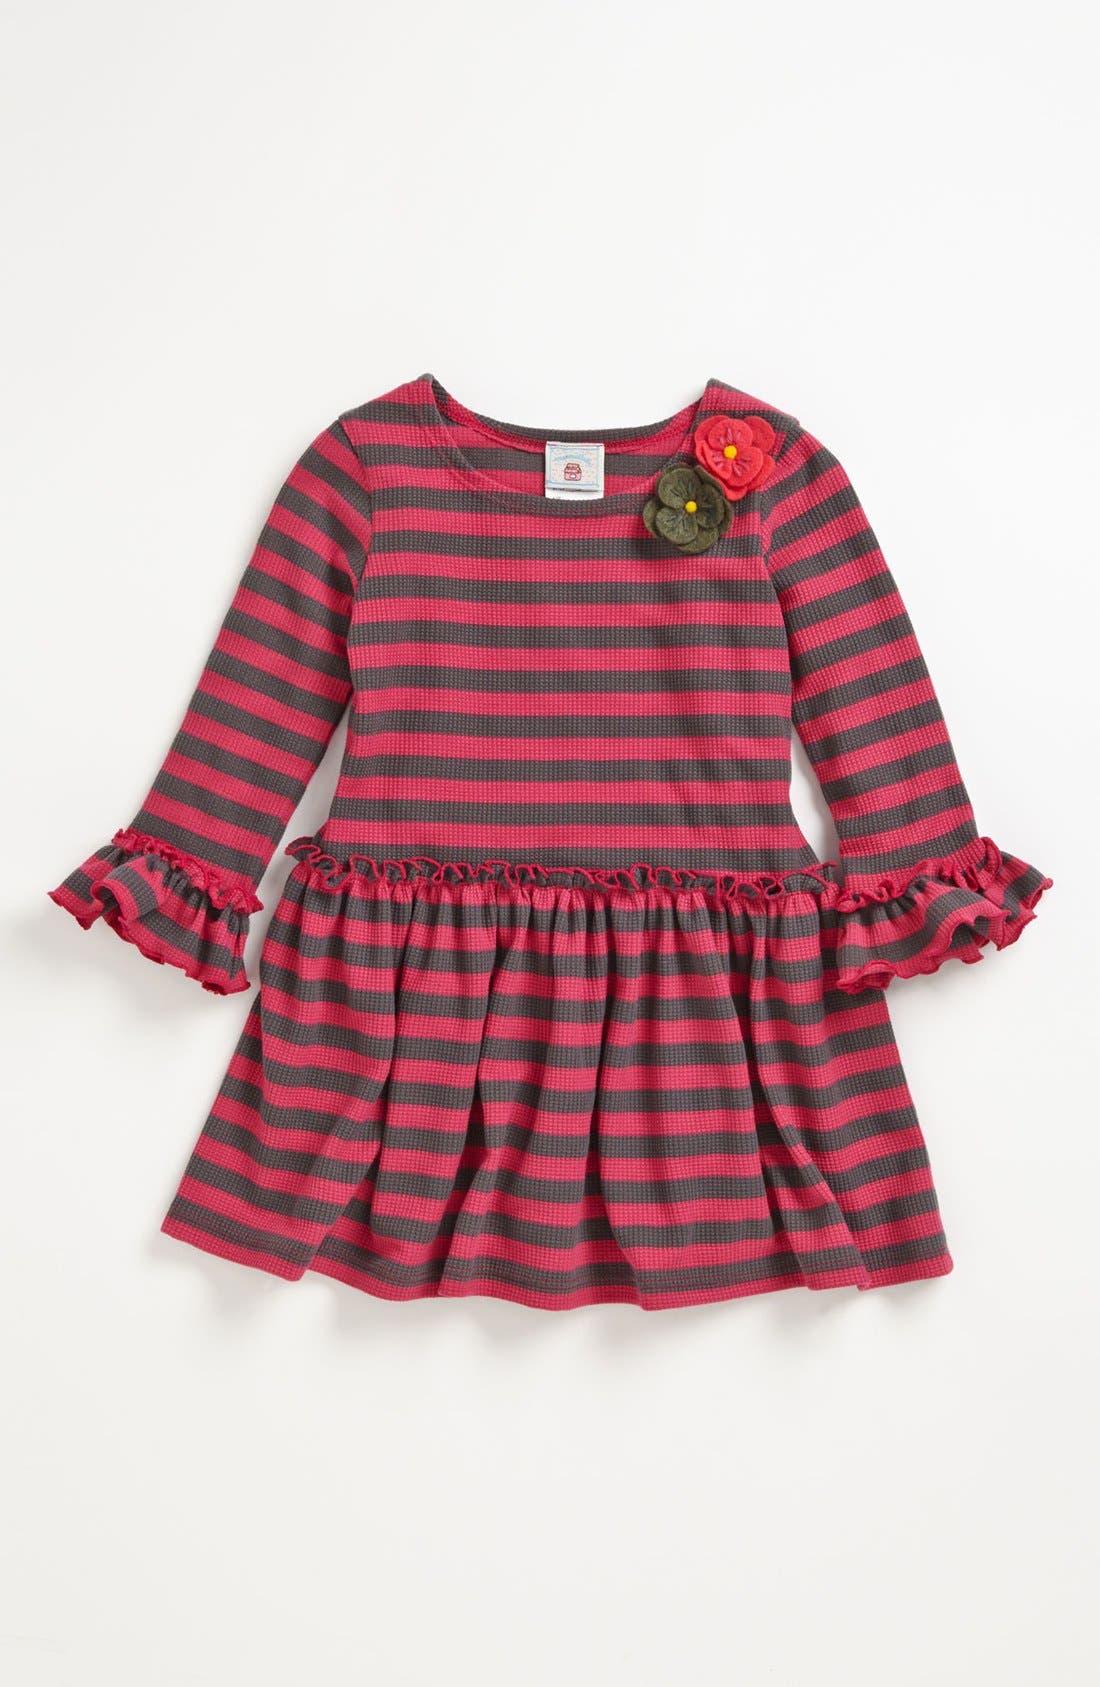 Main Image - Pippa & Julie Thermal Stripe Dress (Toddler Girls)